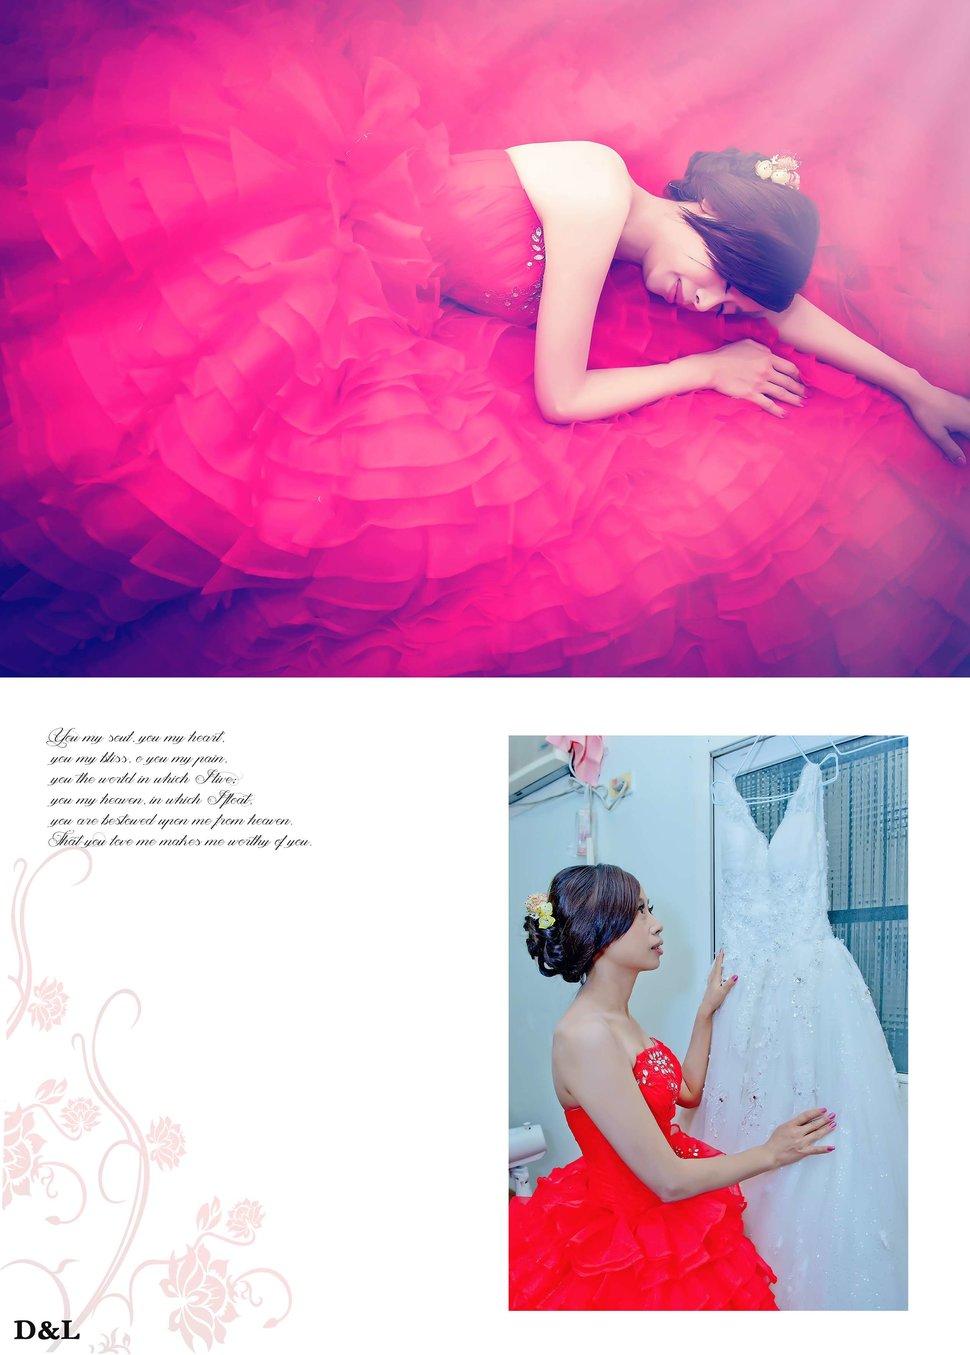 台中婚攝 婚禮攝影 訂結儀式午宴 球愛物語景觀婚禮會館-平面攝影(編號:374383) - D&L 婚禮事務 · 婚禮婚紗攝影 - 結婚吧